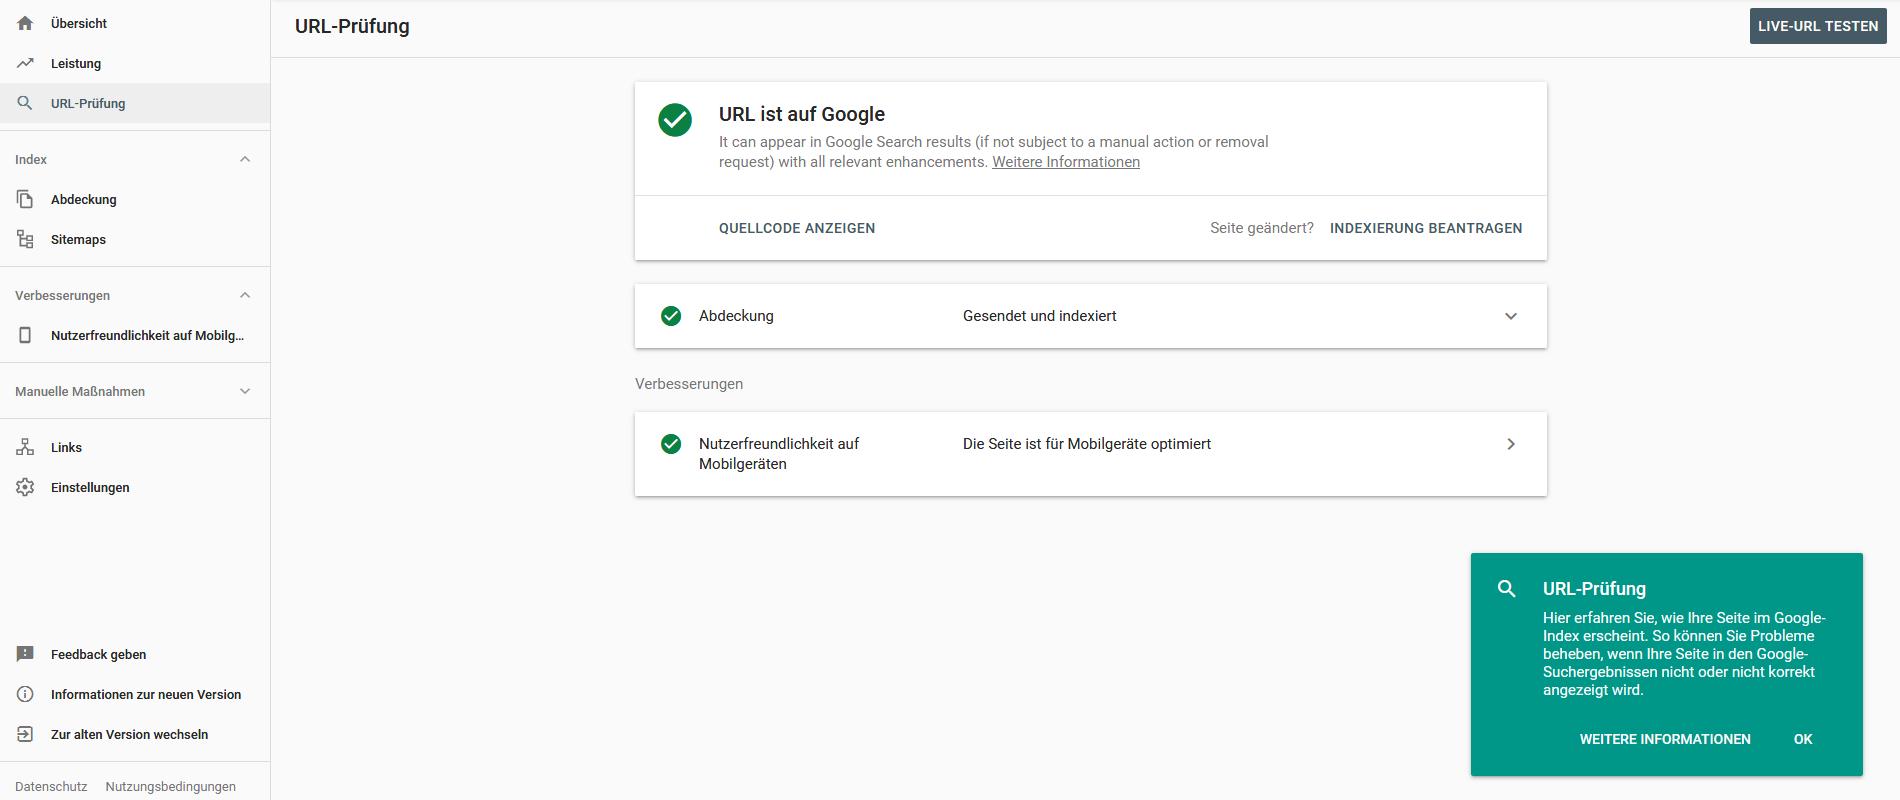 Die neue Search Console macht eine genaue URL-Prüfung möglich.